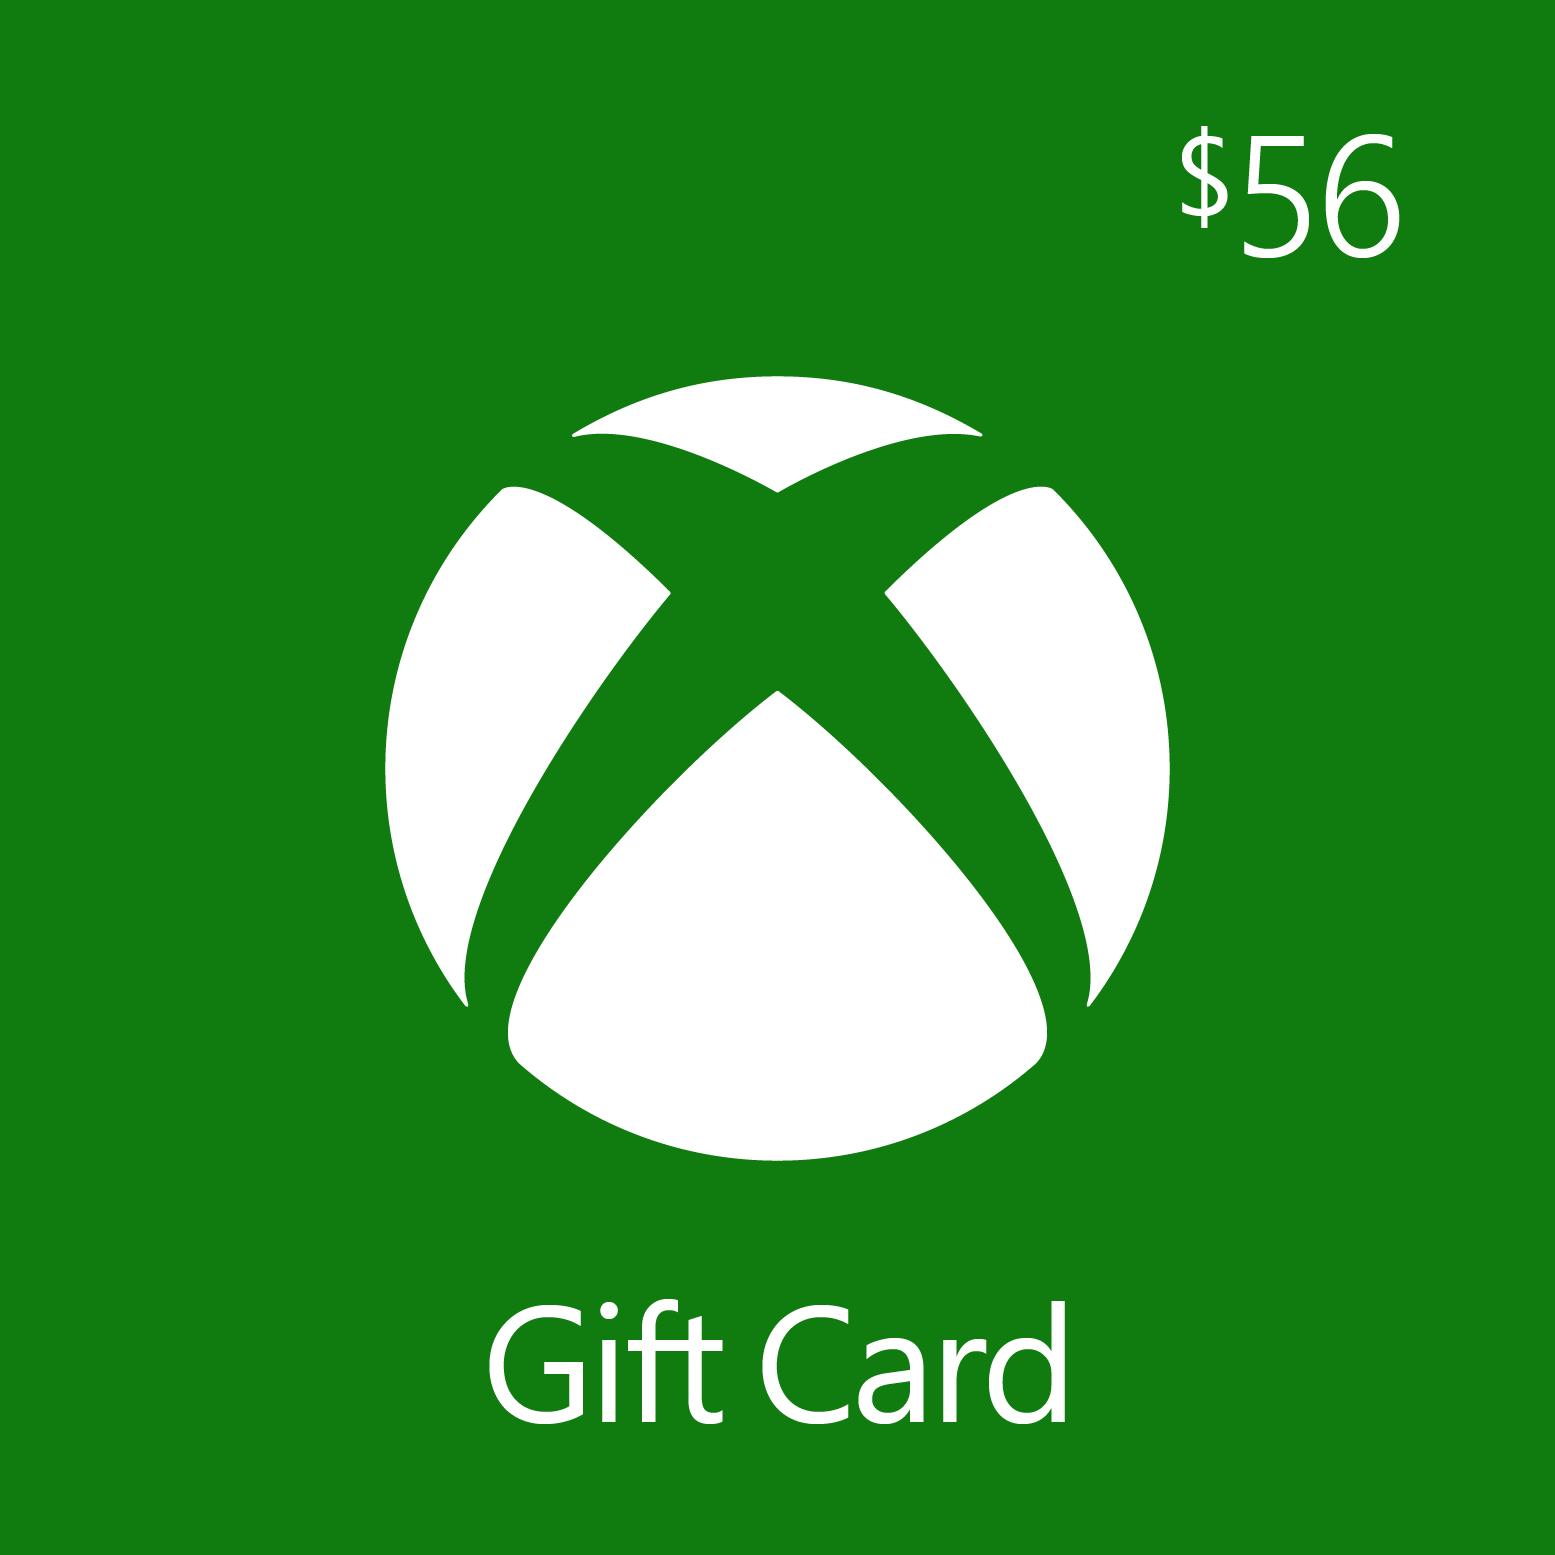 $56.00 Xbox Digital Gift Card